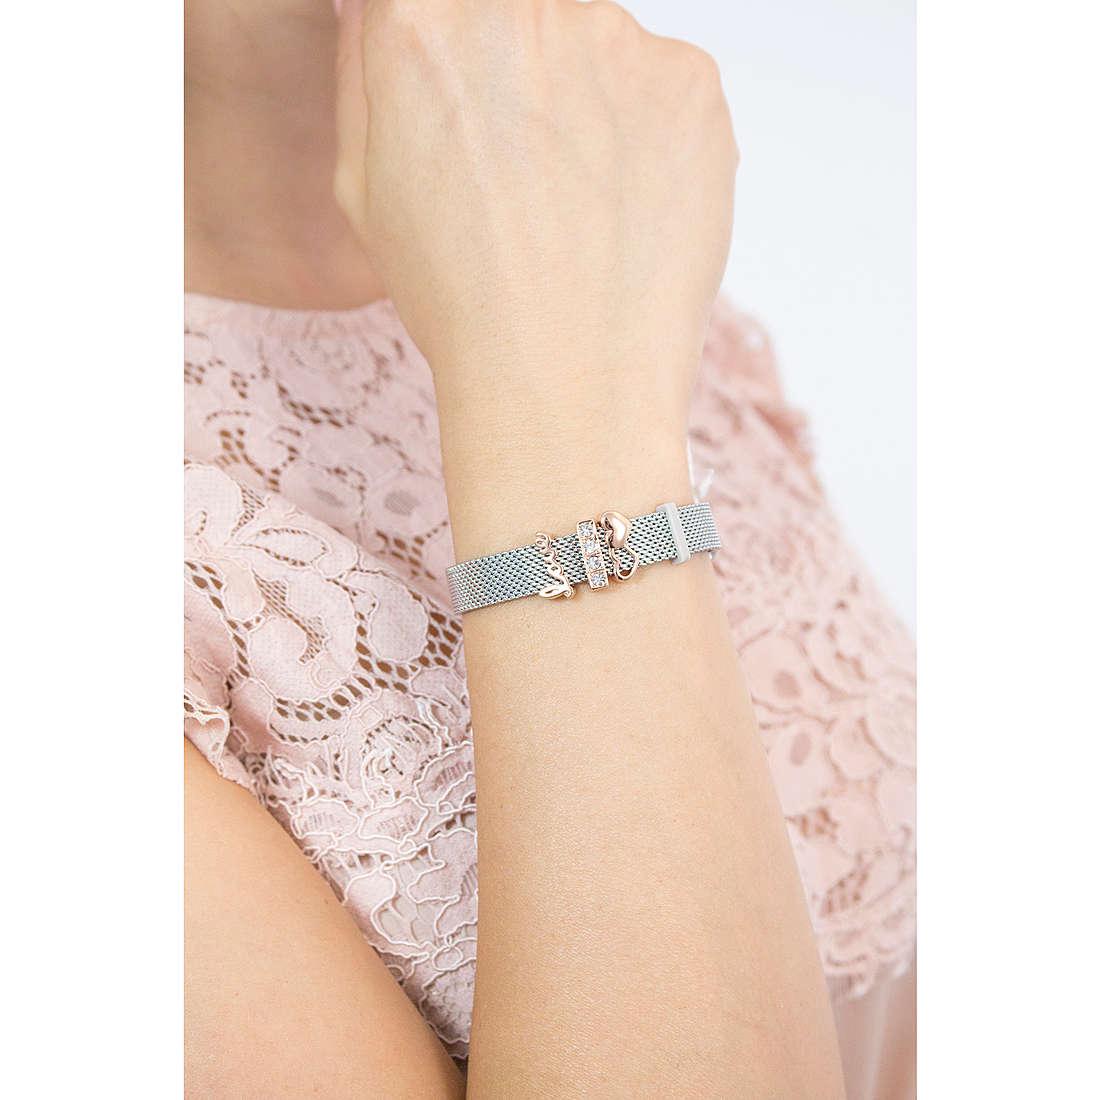 aa82270b0543d bracelet woman jewellery Ops Objects Mesh OPSBR-561